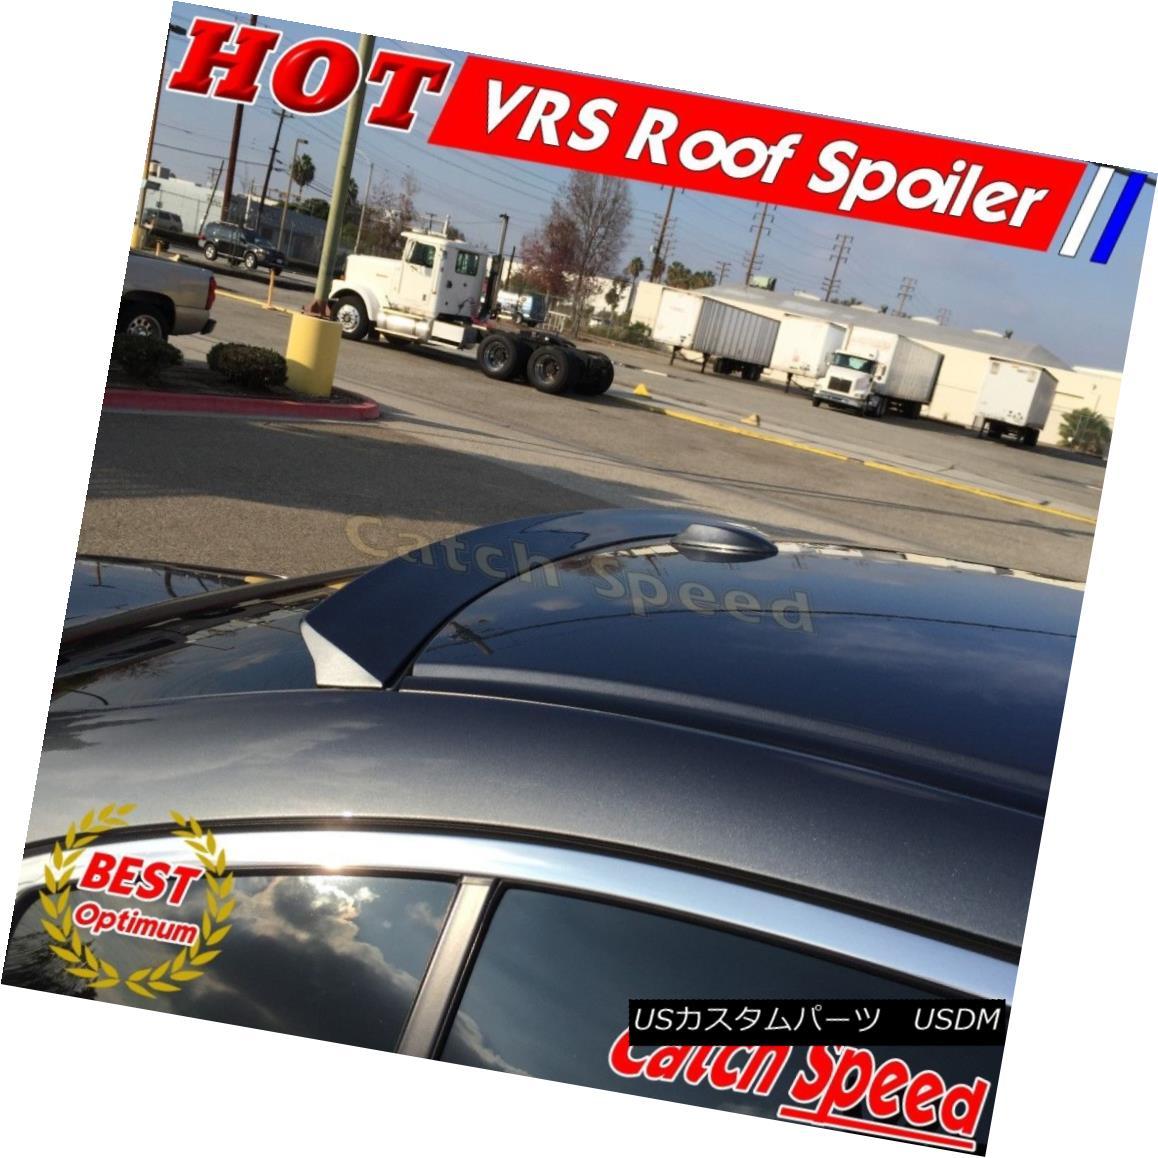 エアロパーツ Painted VRS Style Rear Roof Spoiler Wing For Chevrolet Cobalt LT 2004-2011 シボレーコバルトLT 2004-2011用VRSスタイルのリアルーフスポイラーウイングを塗装